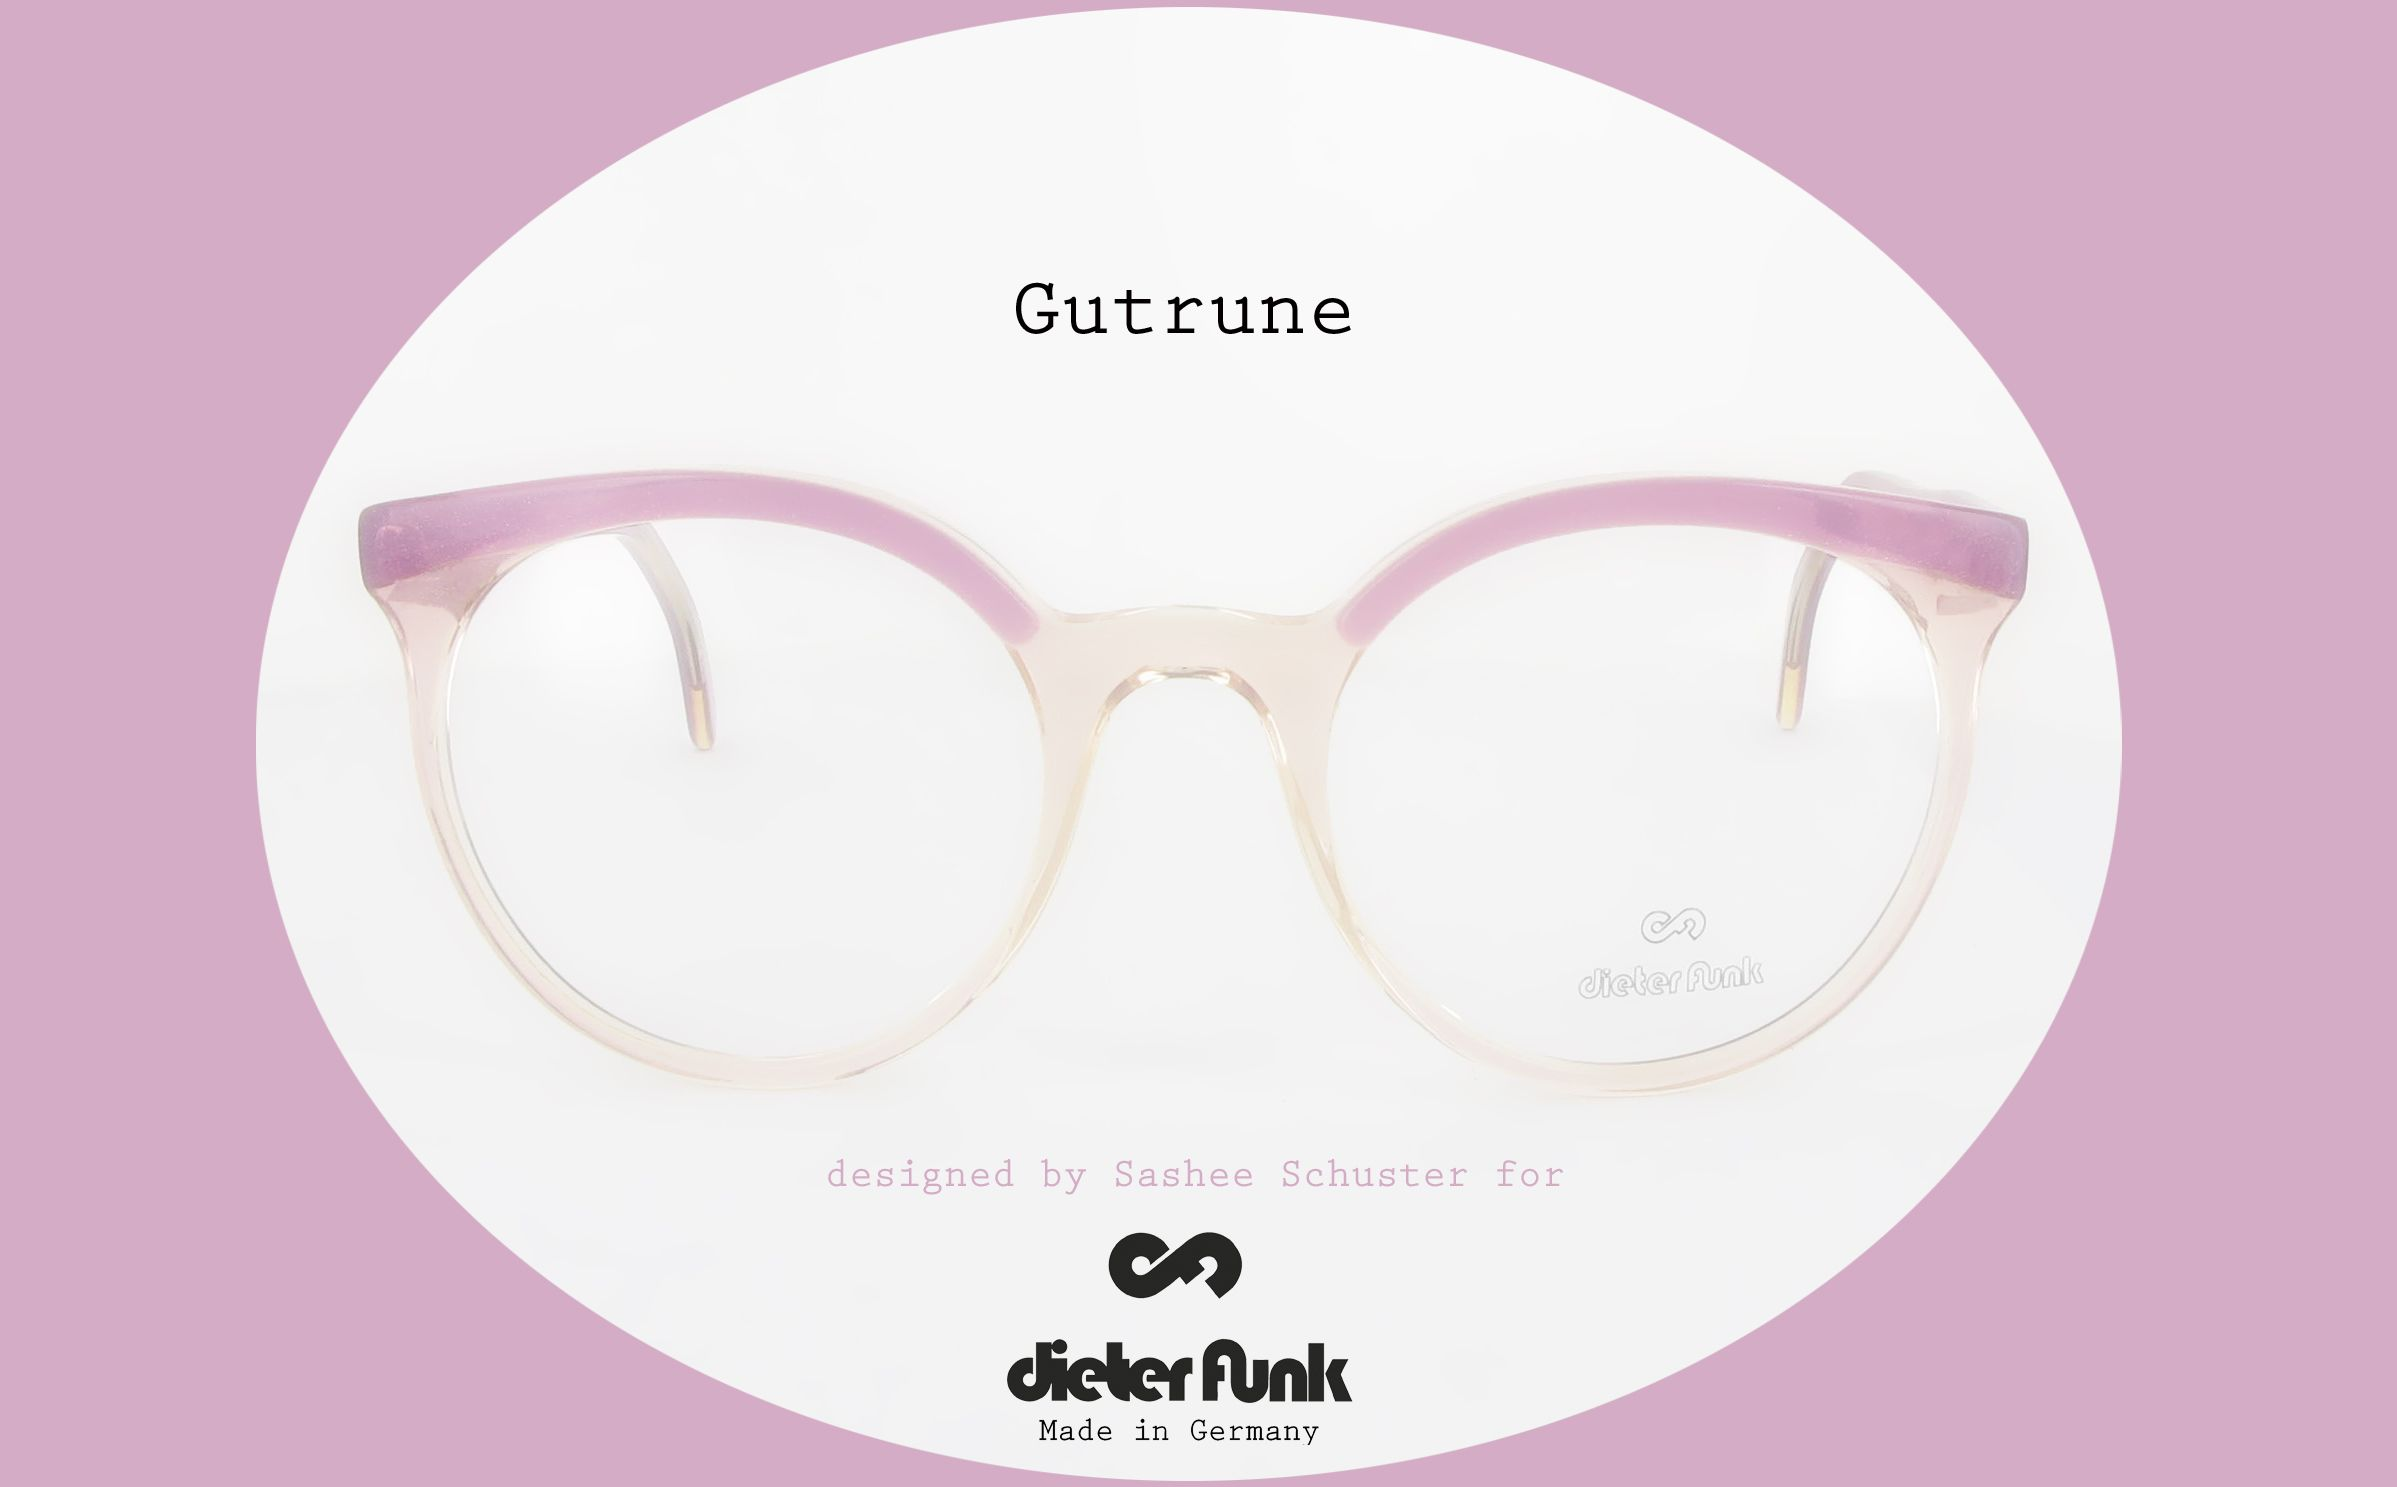 207900e4164 new model GUTRUNE designed for Dieter Funk by Sashee Schuster   sasheeschuster  dieterfunk